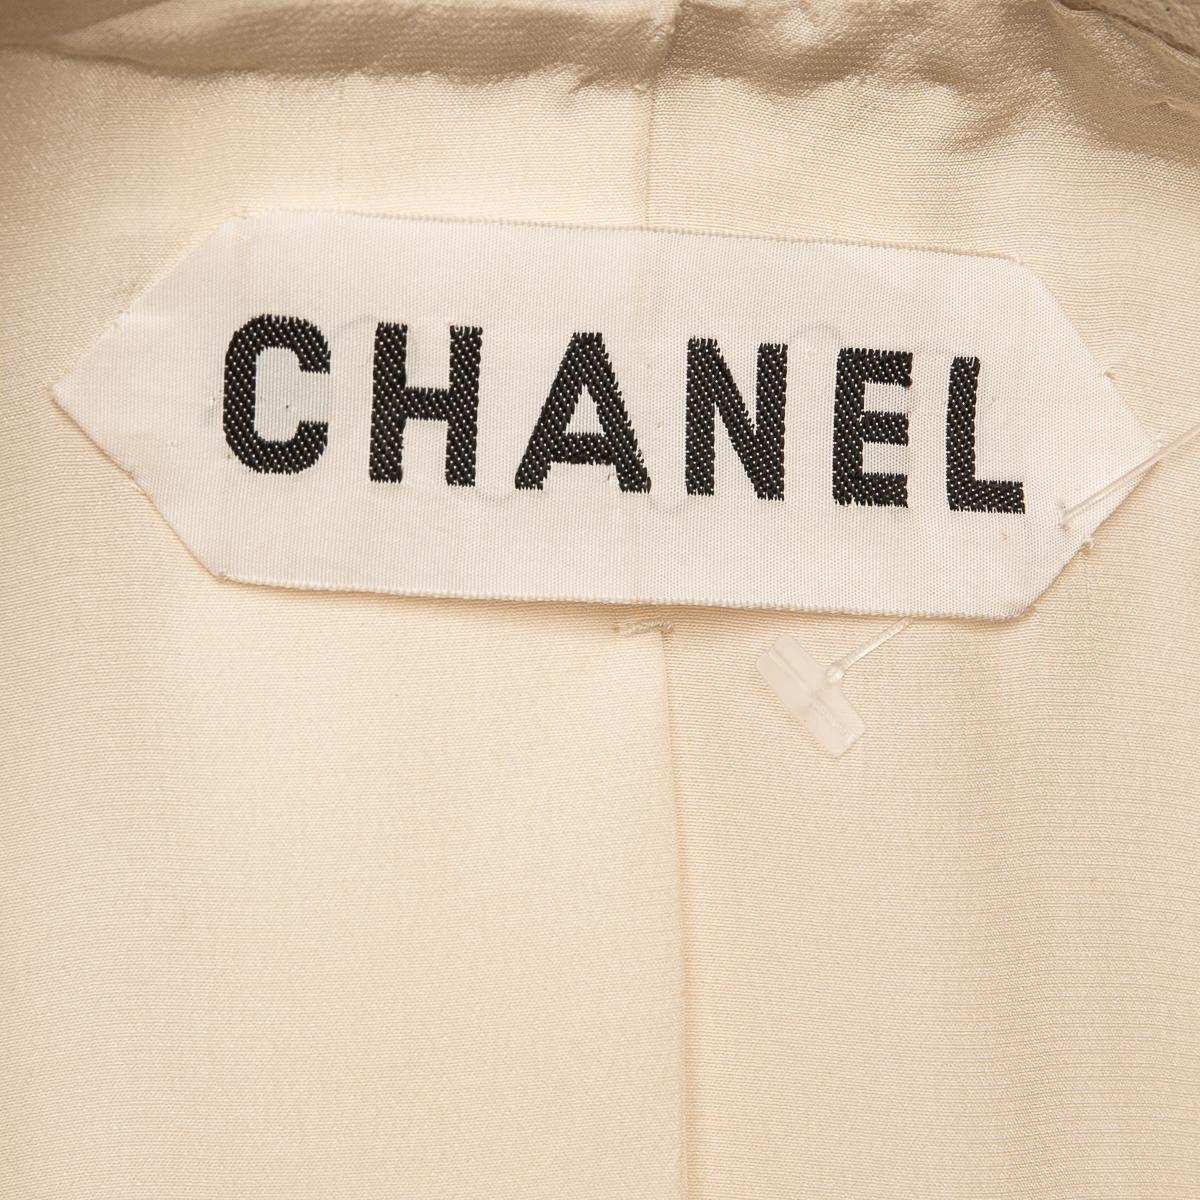 Кутюрный винтажный жакет с вышивкой, 60-е гг, размер 42.